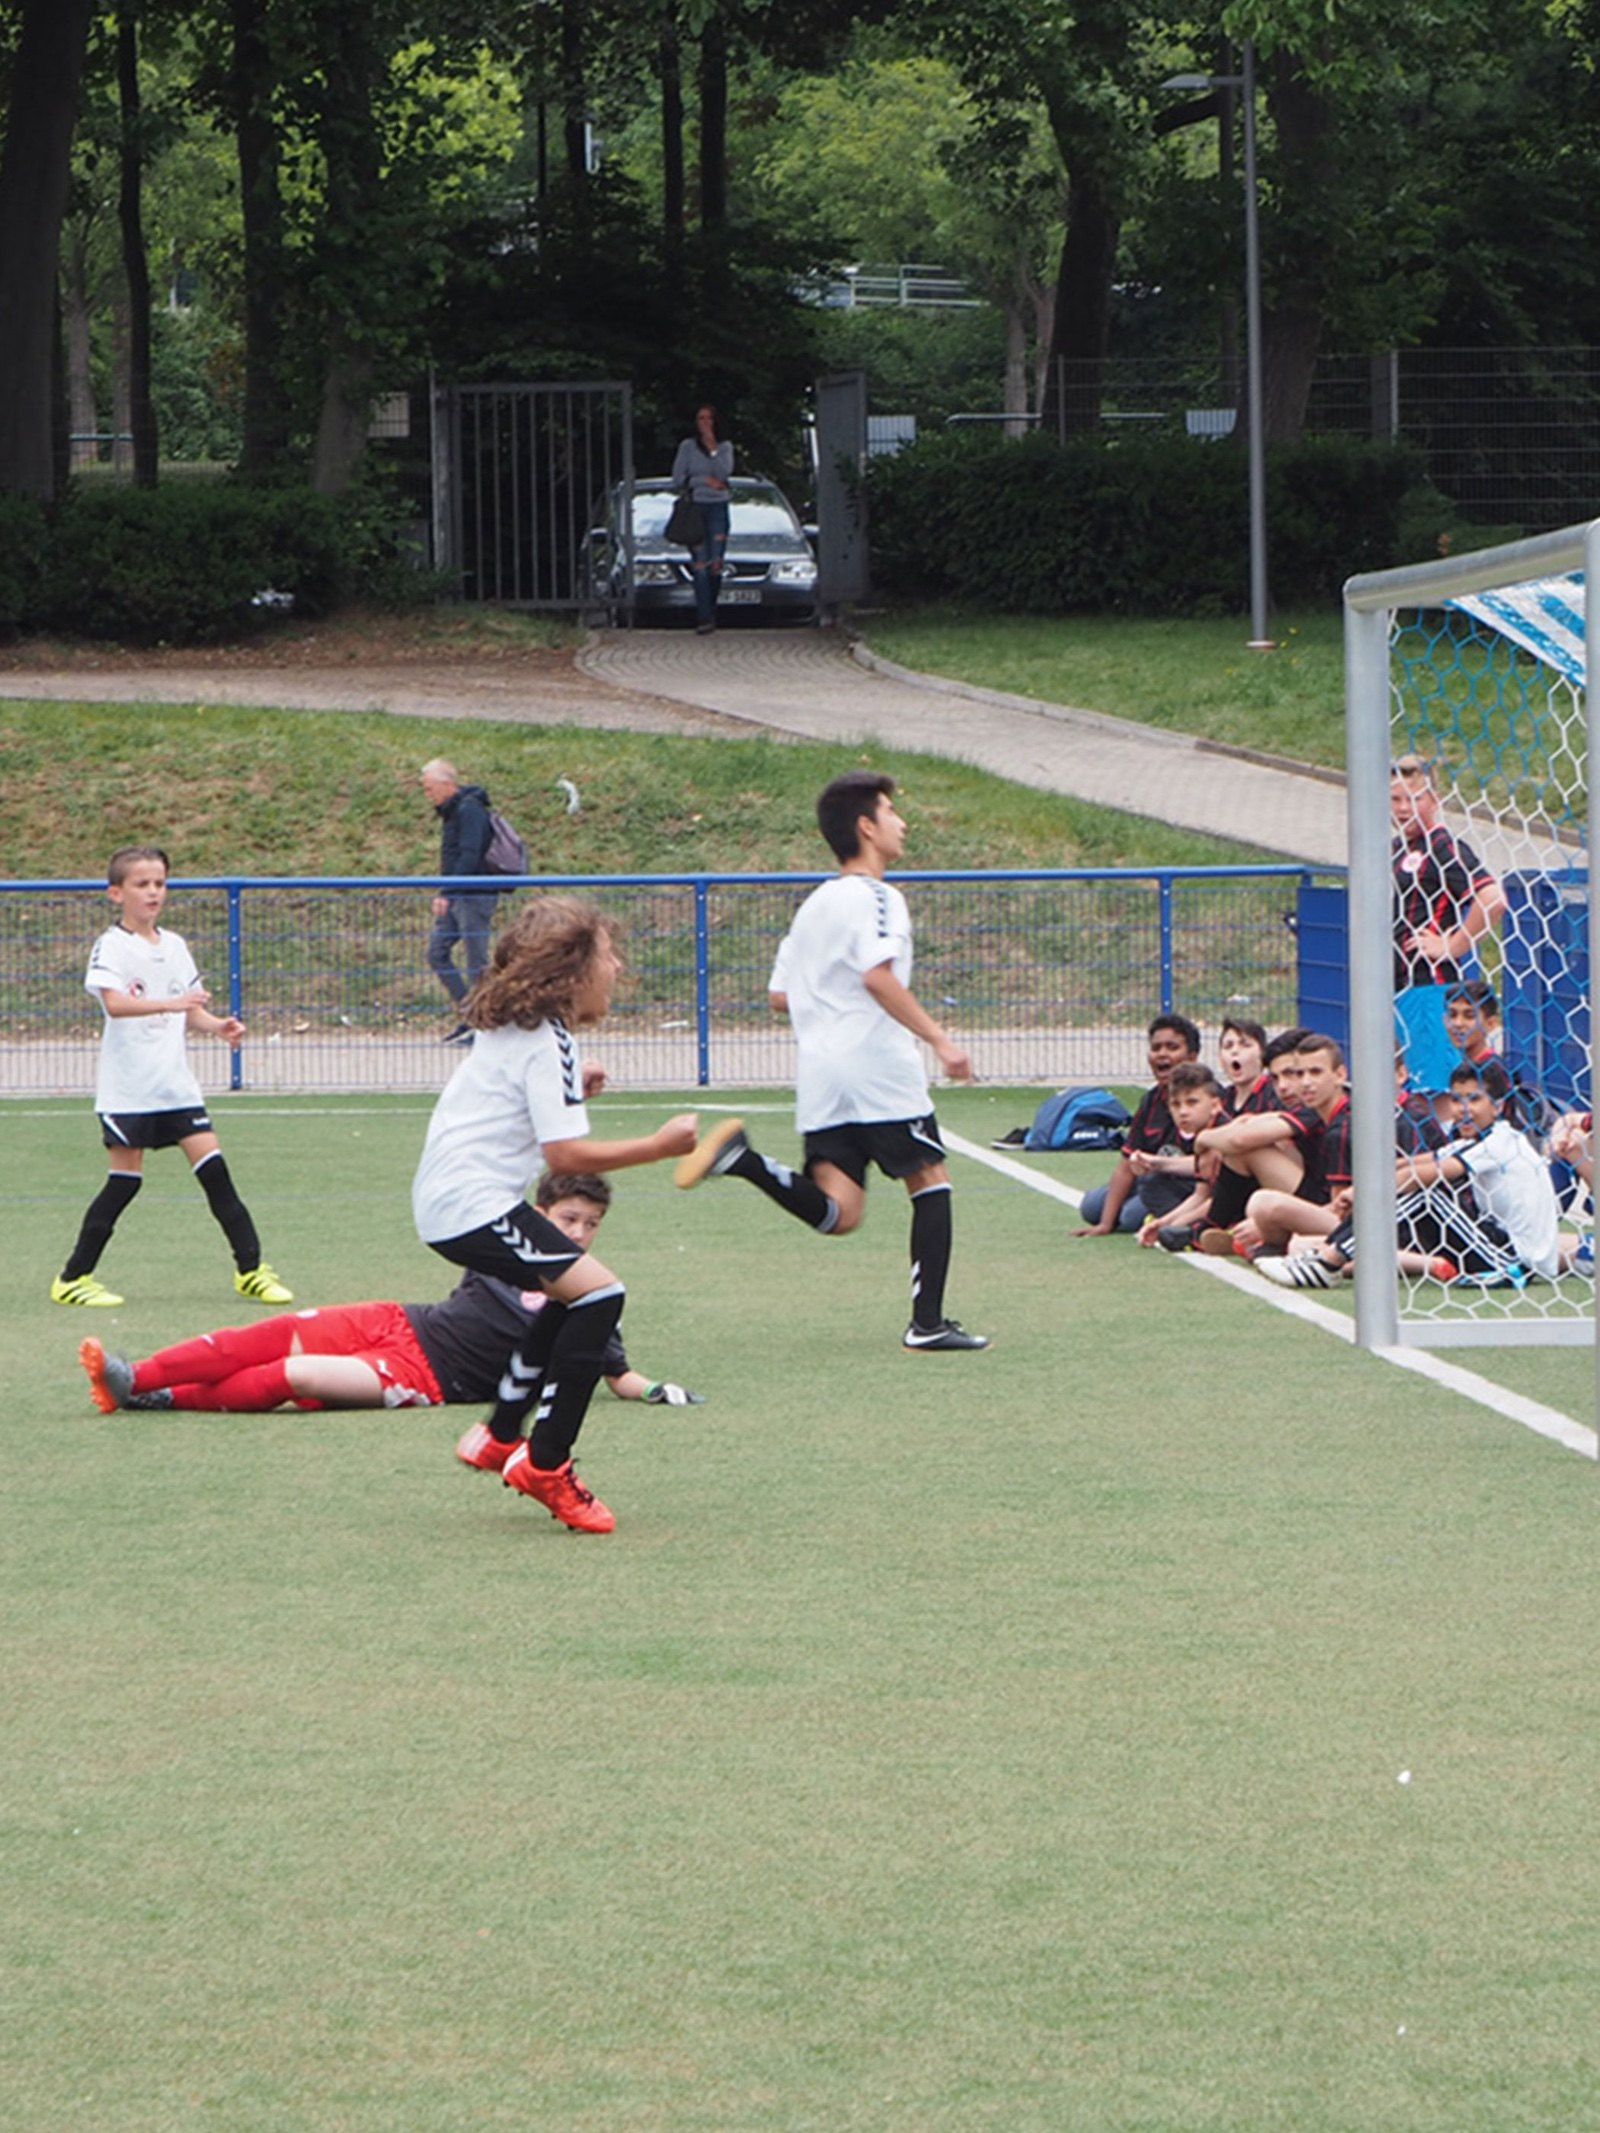 Fußballtraining steigert die Motivation